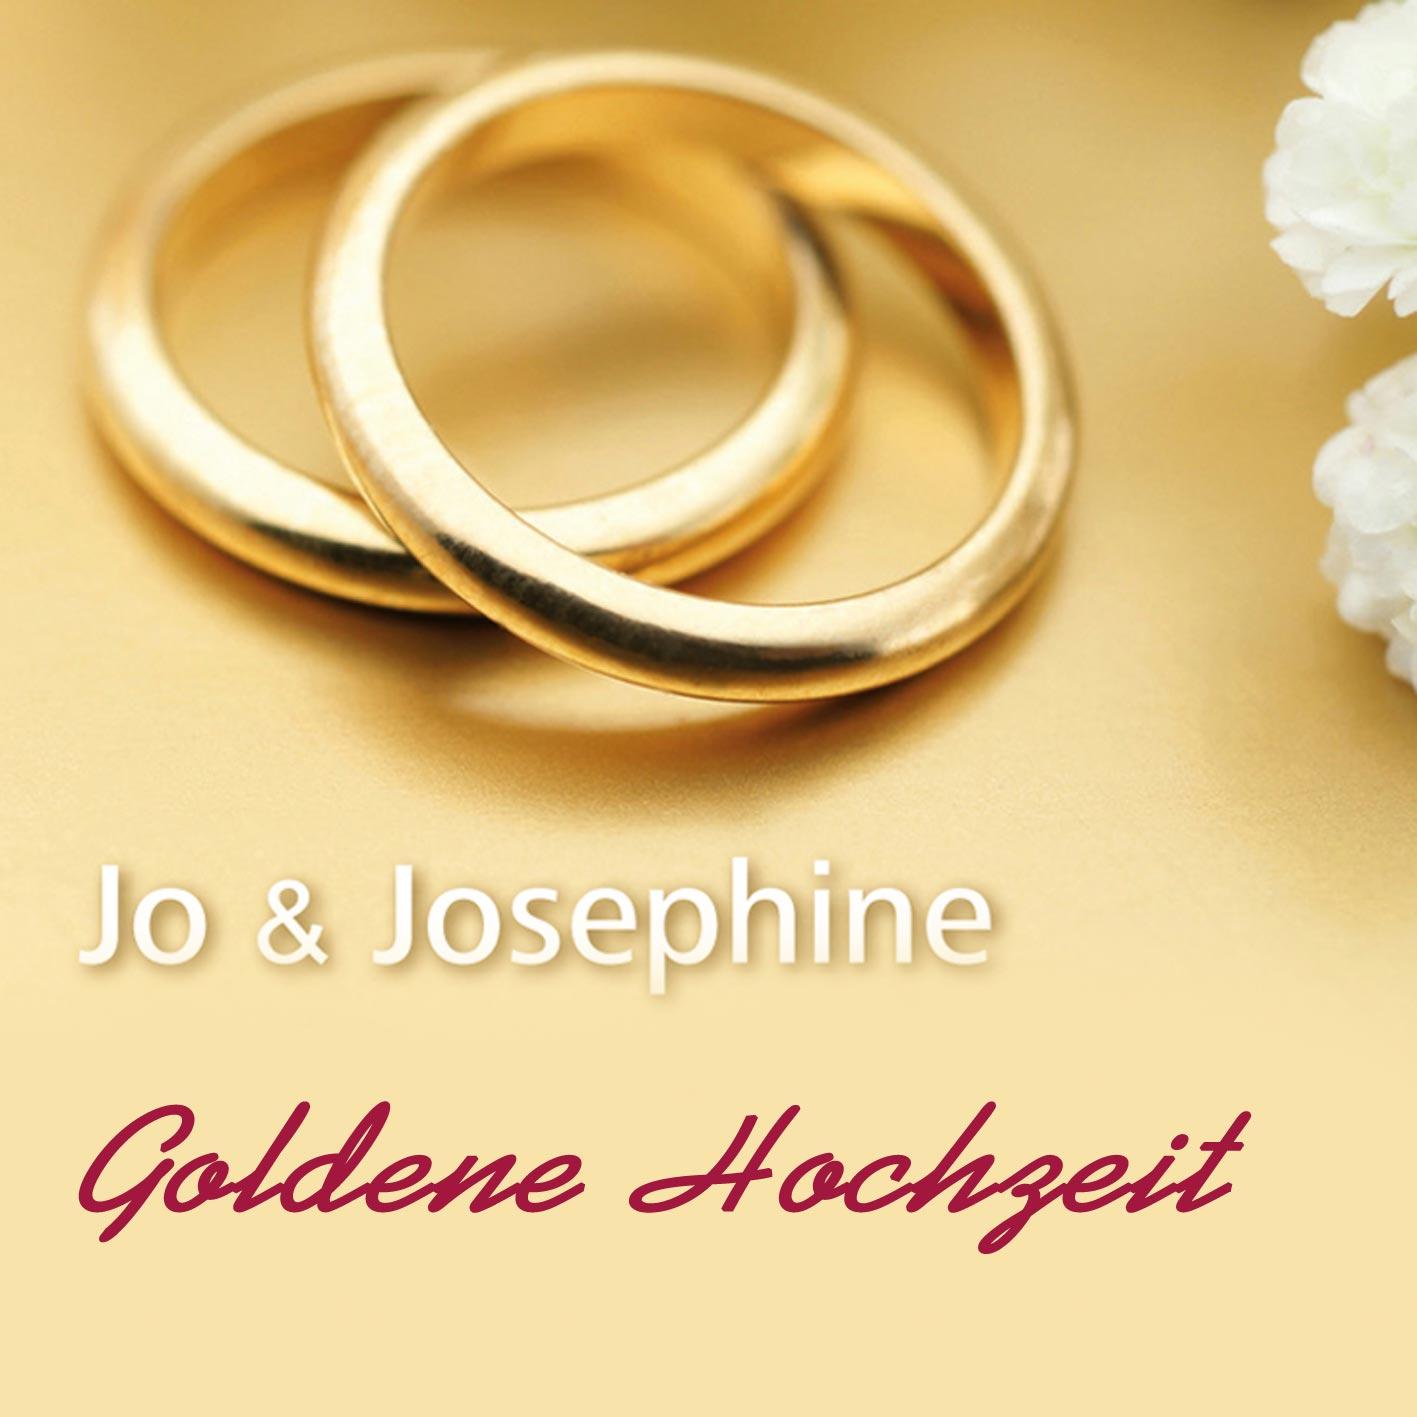 Cover Lied Wünsche zur Goldenen Hochzeit mit goldenen Ringen